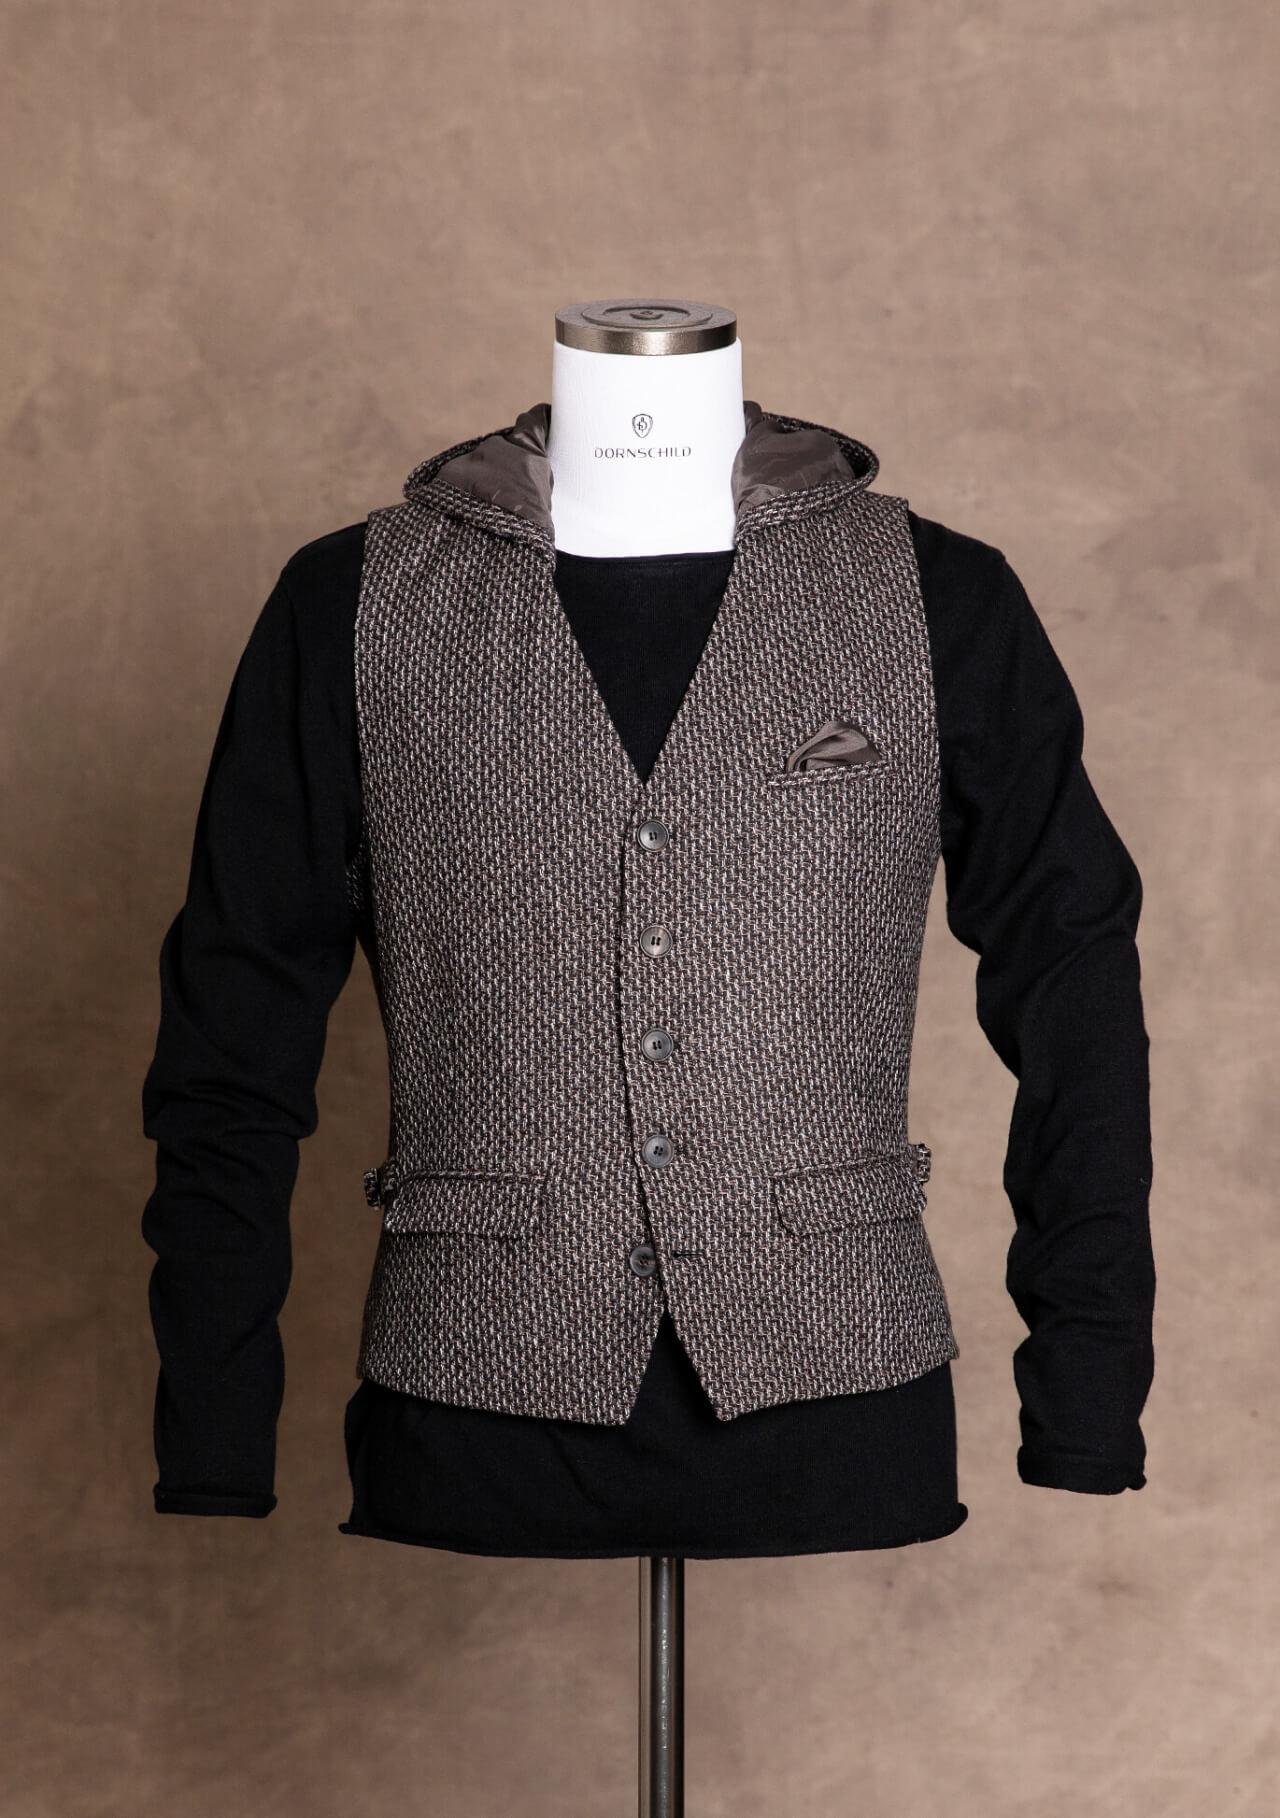 Schick sportliche Einreiher Herrenweste / Gilet von DORNSCHILD Schwarz Grau gemustert mit abnehmbarer Kapuze aus feinstem italienischen Stoff.